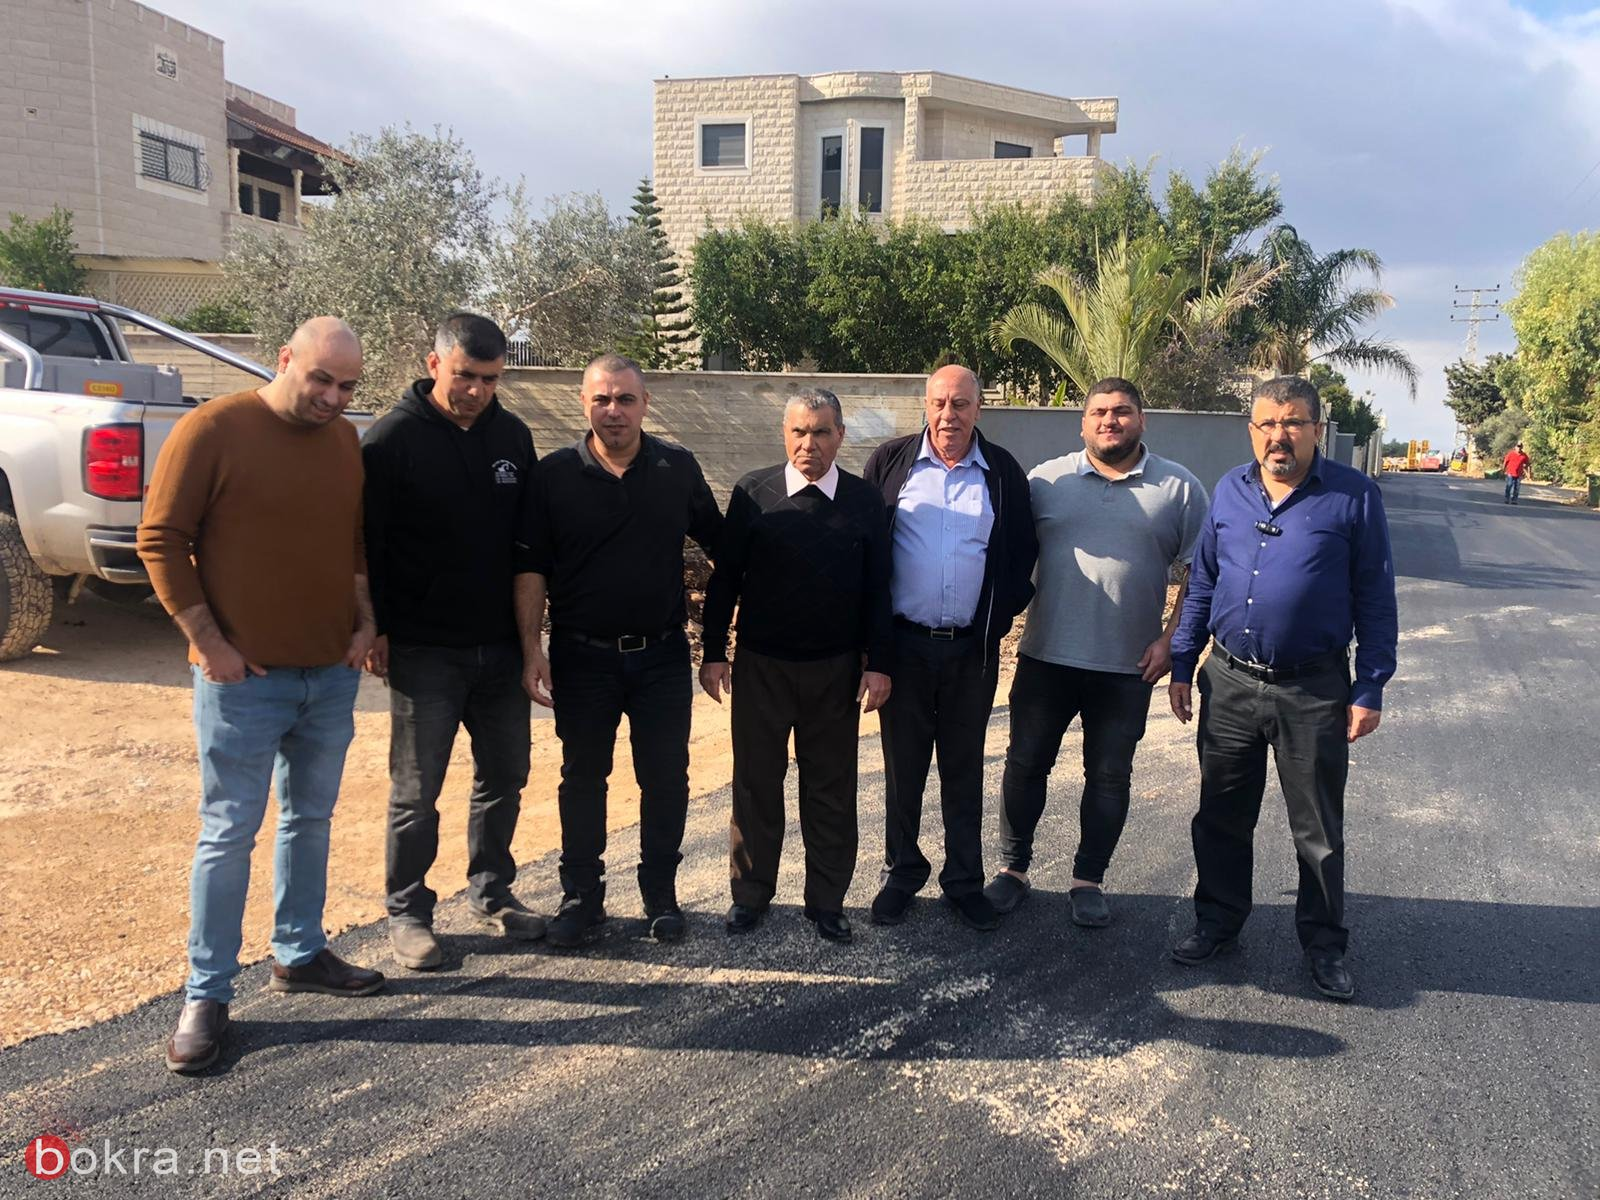 المجلس الأقليمي بستان المرج يقوم بأعمال ترميم وتطوير في قرية الدحي -0